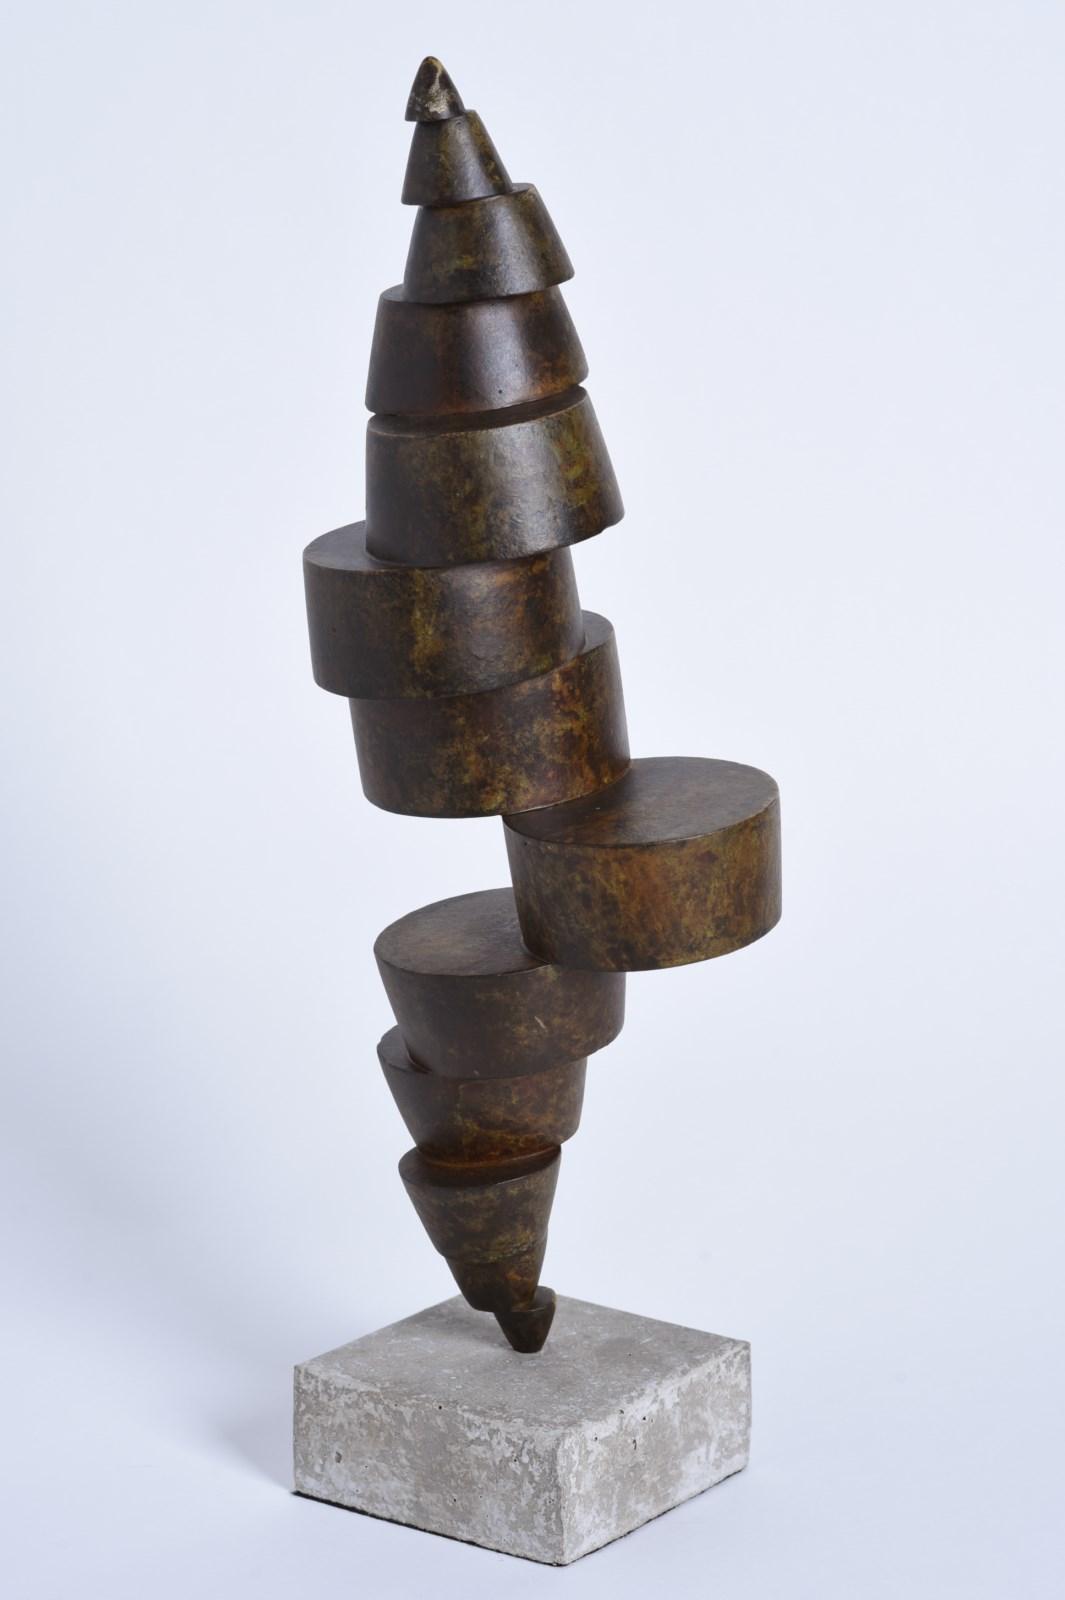 Sculpture-fer-patine-verni-socle-beton-hauteur:43cm-2016